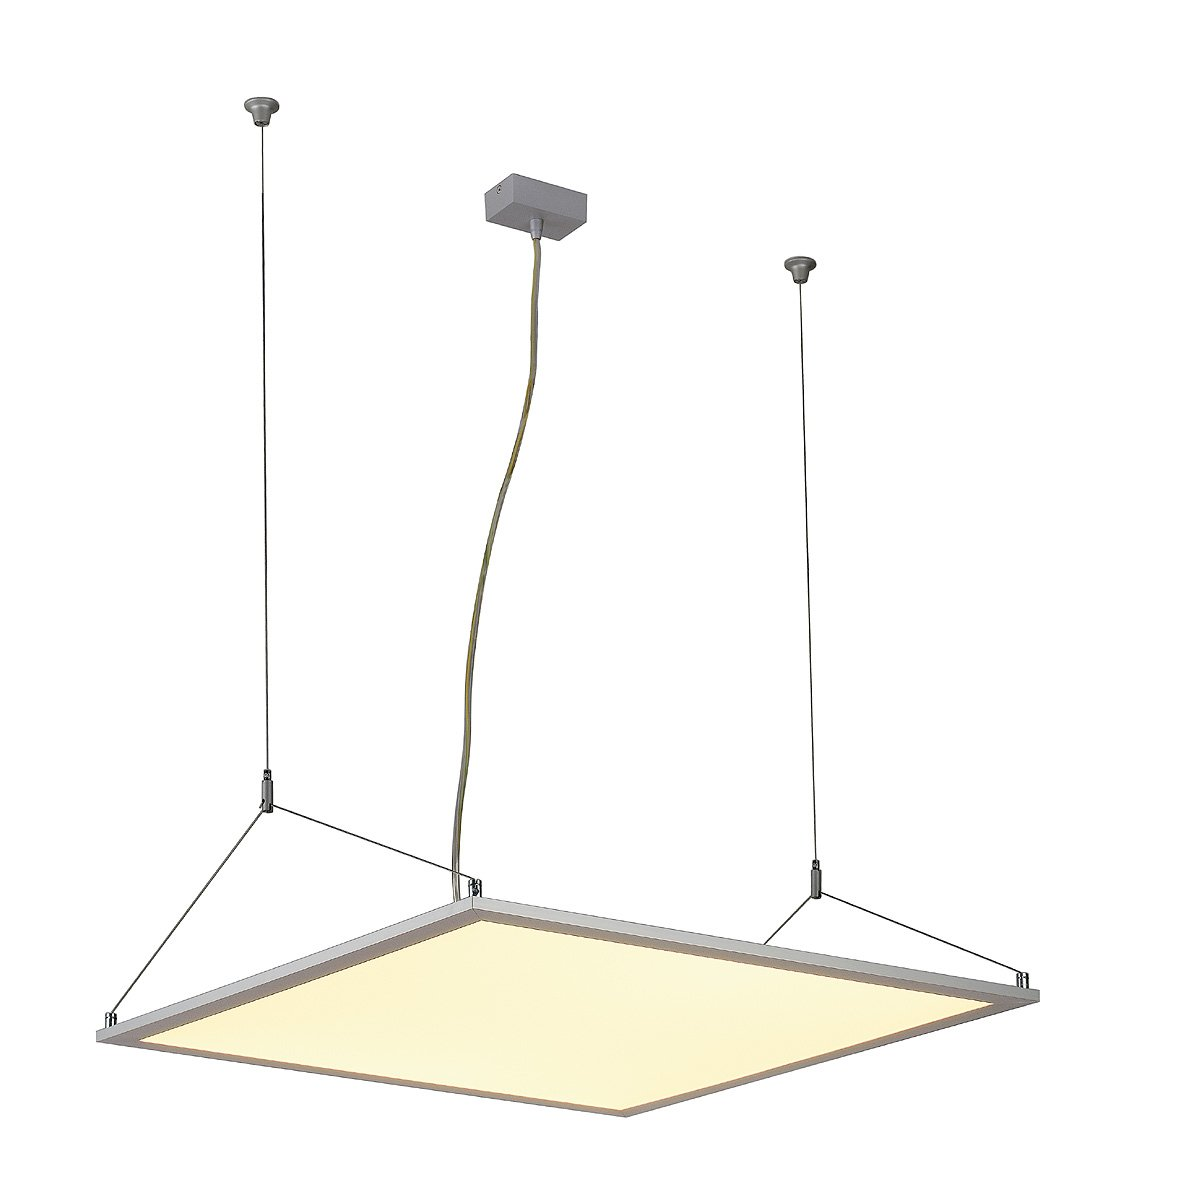 SLV LED Panel Pd 115, Quadratisch, Eloxiert, 96 LED, 48 W, 3000K 158512